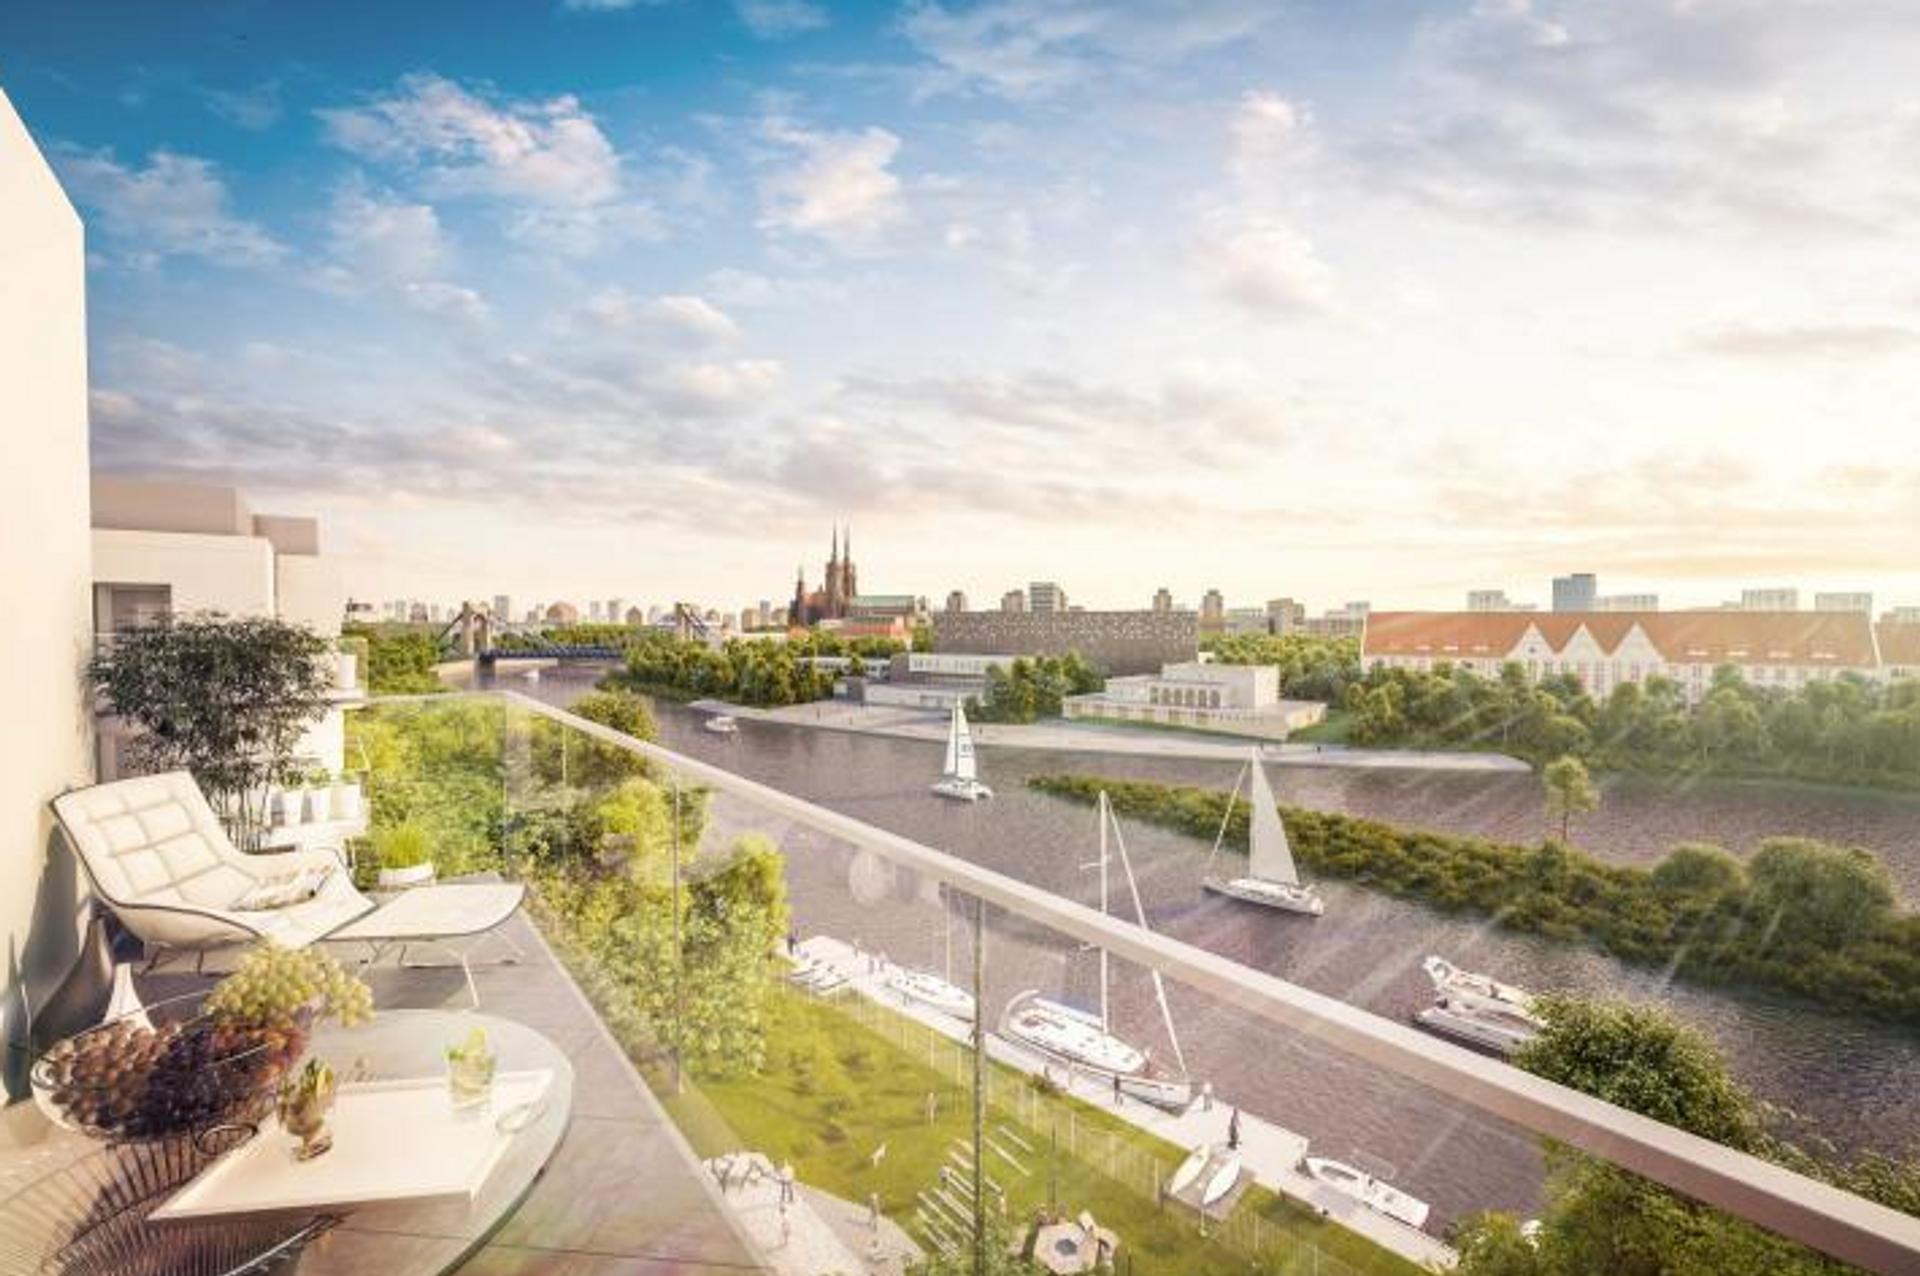 [Wrocław] Ronson startuje z Mariną Miasto. Tuż nad Odrą powstanie ponad 150 mieszkań